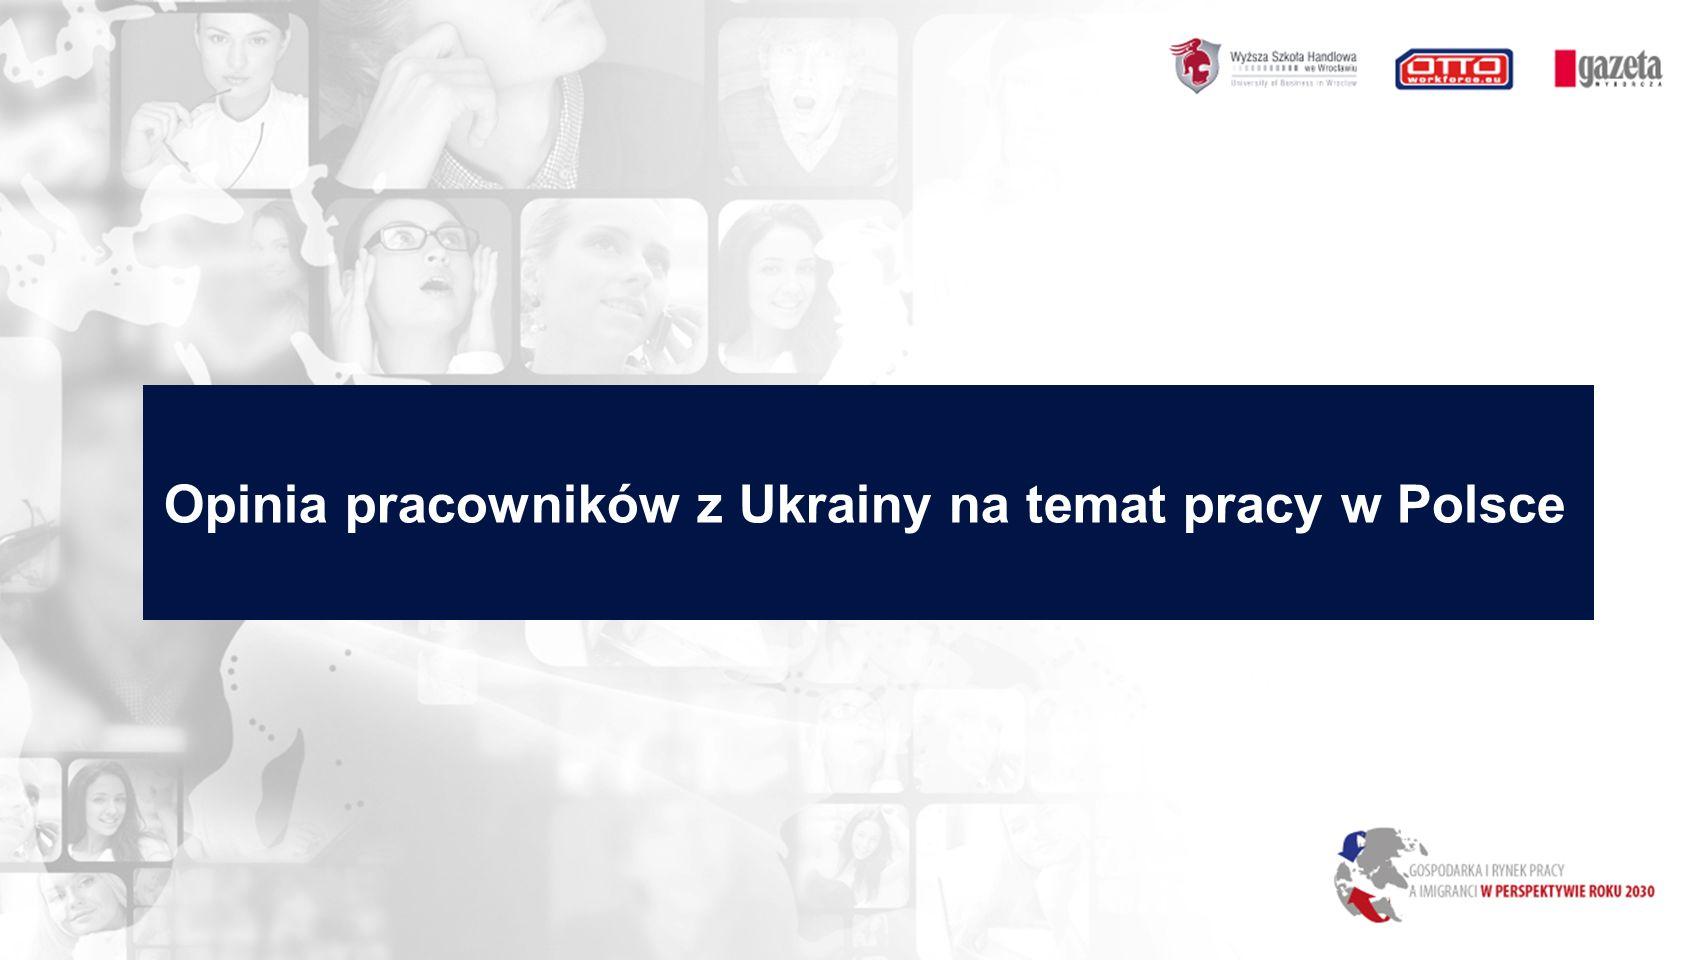 Opinia pracowników z Ukrainy na temat pracy w Polsce